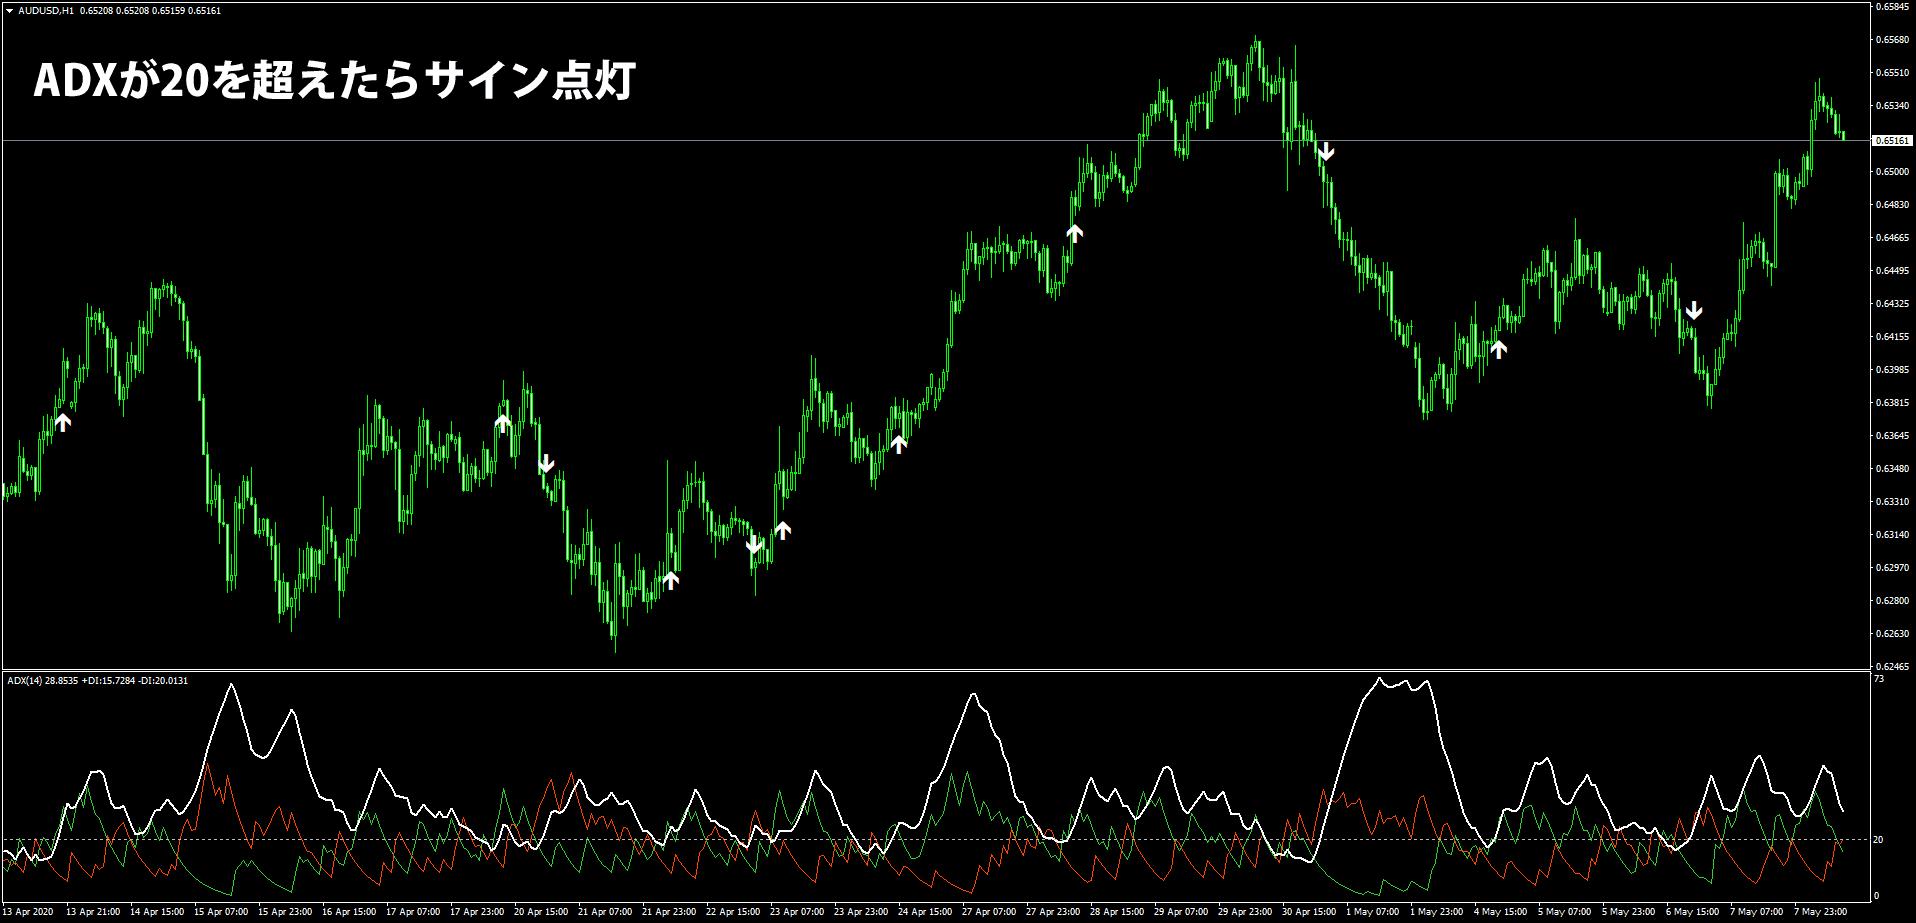 ADXのレベル20でサインを表示したチャート